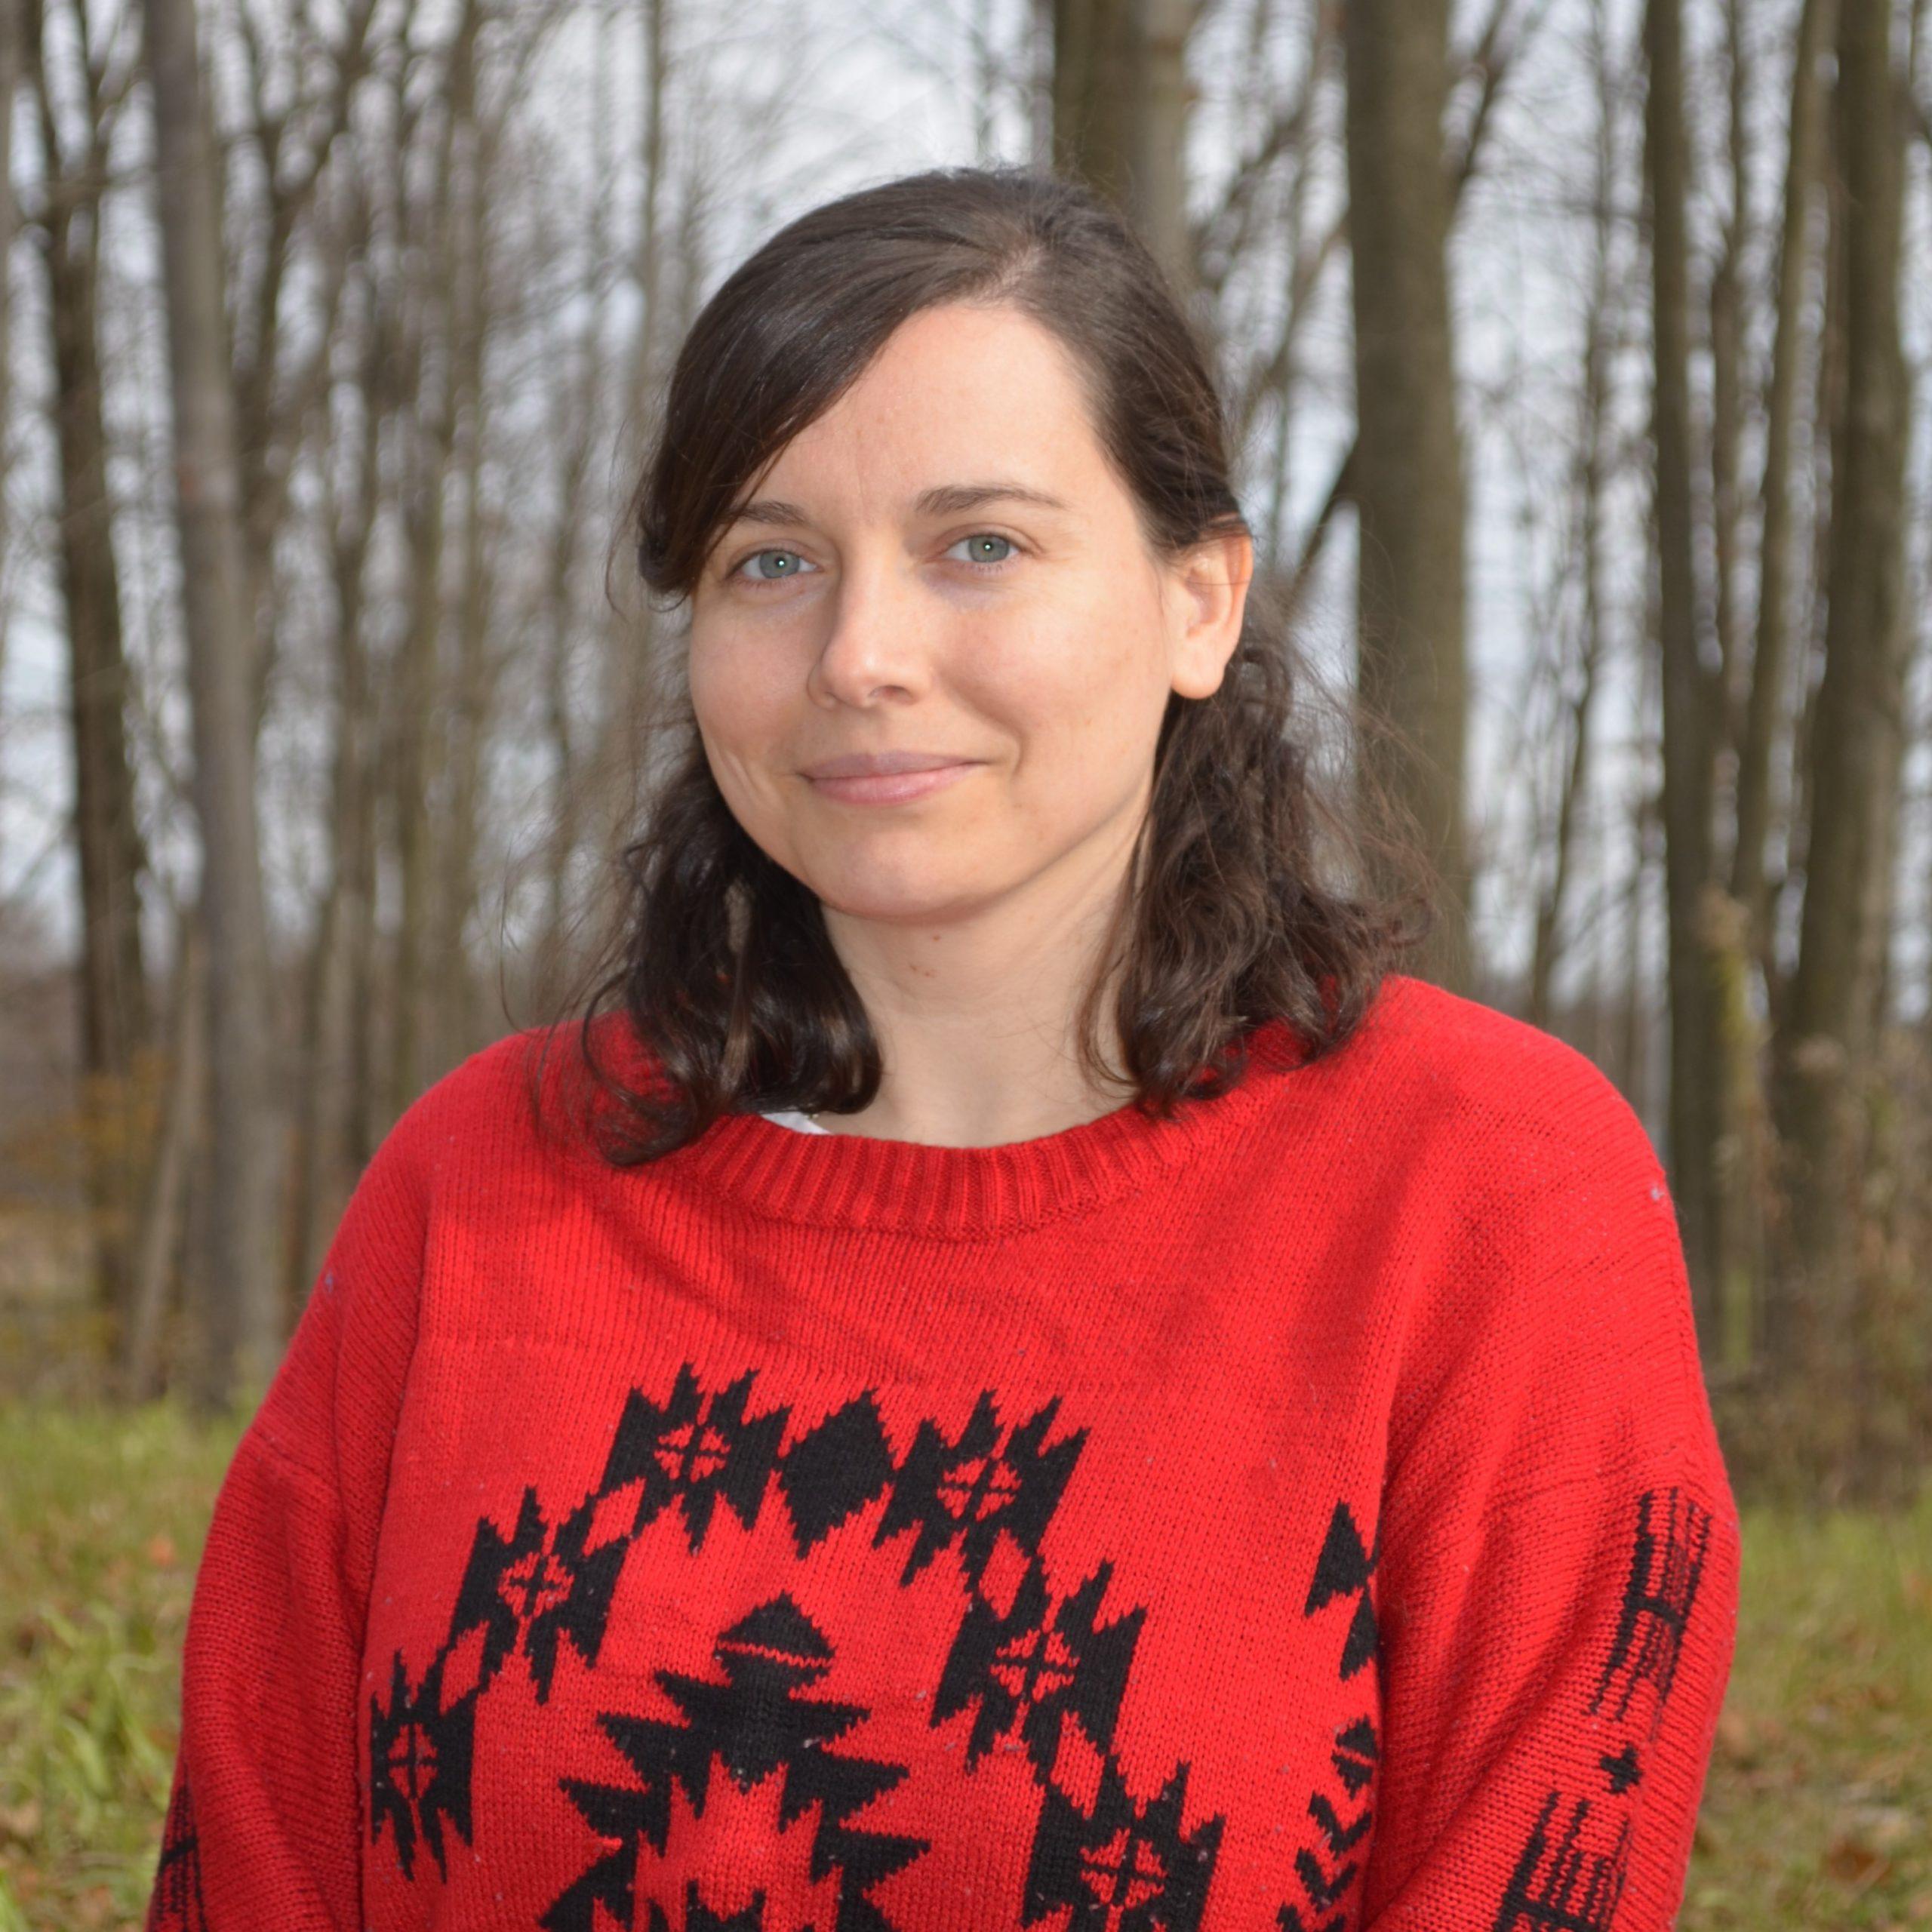 Christina Freno